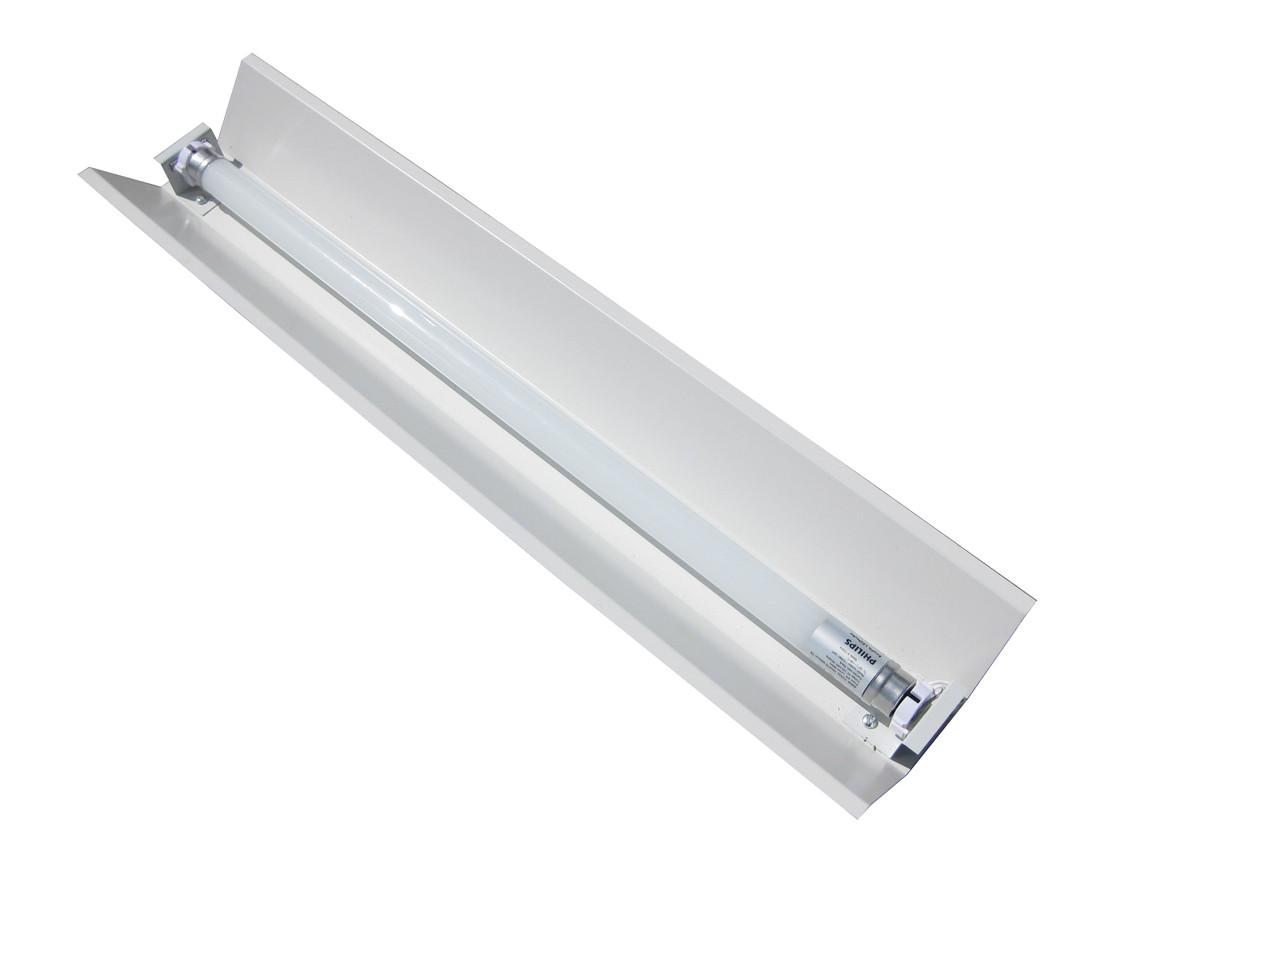 Светильник под люминисцентную лампу трассовый 100lamp открытый 1*36W СПВ 01 1200  с электронным балластом